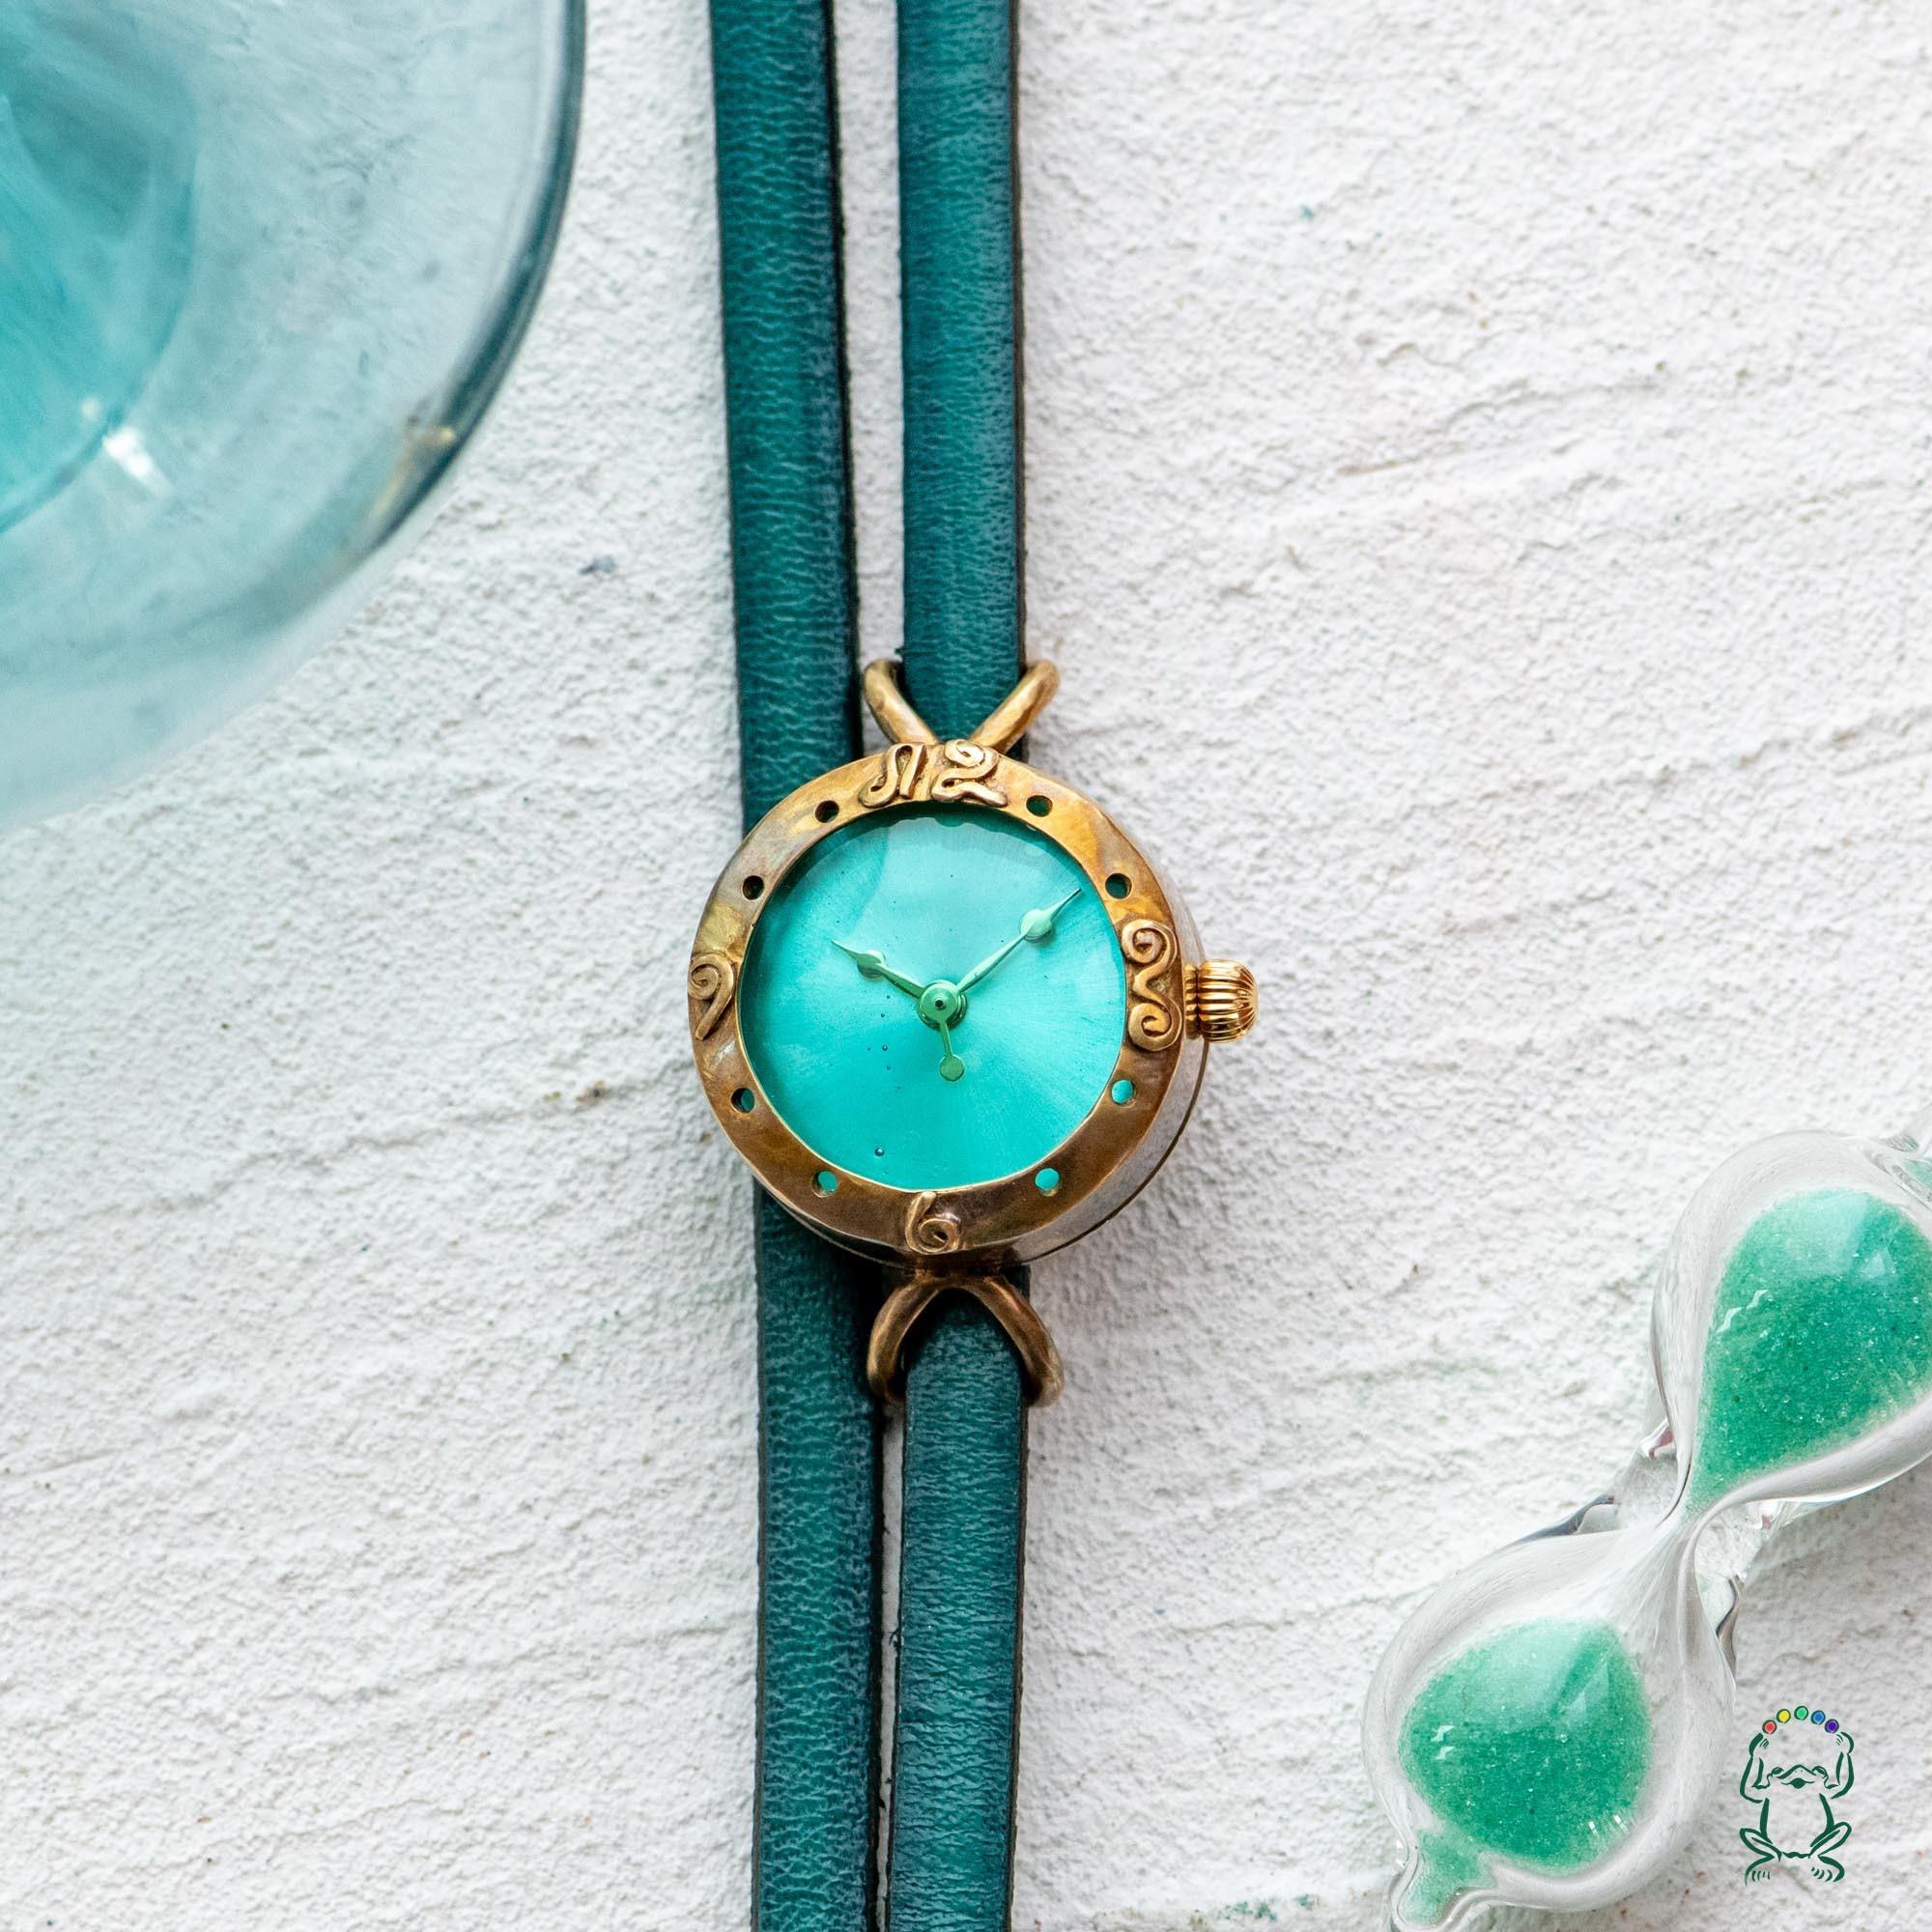 バルーン腕時計ミントグリーンSS